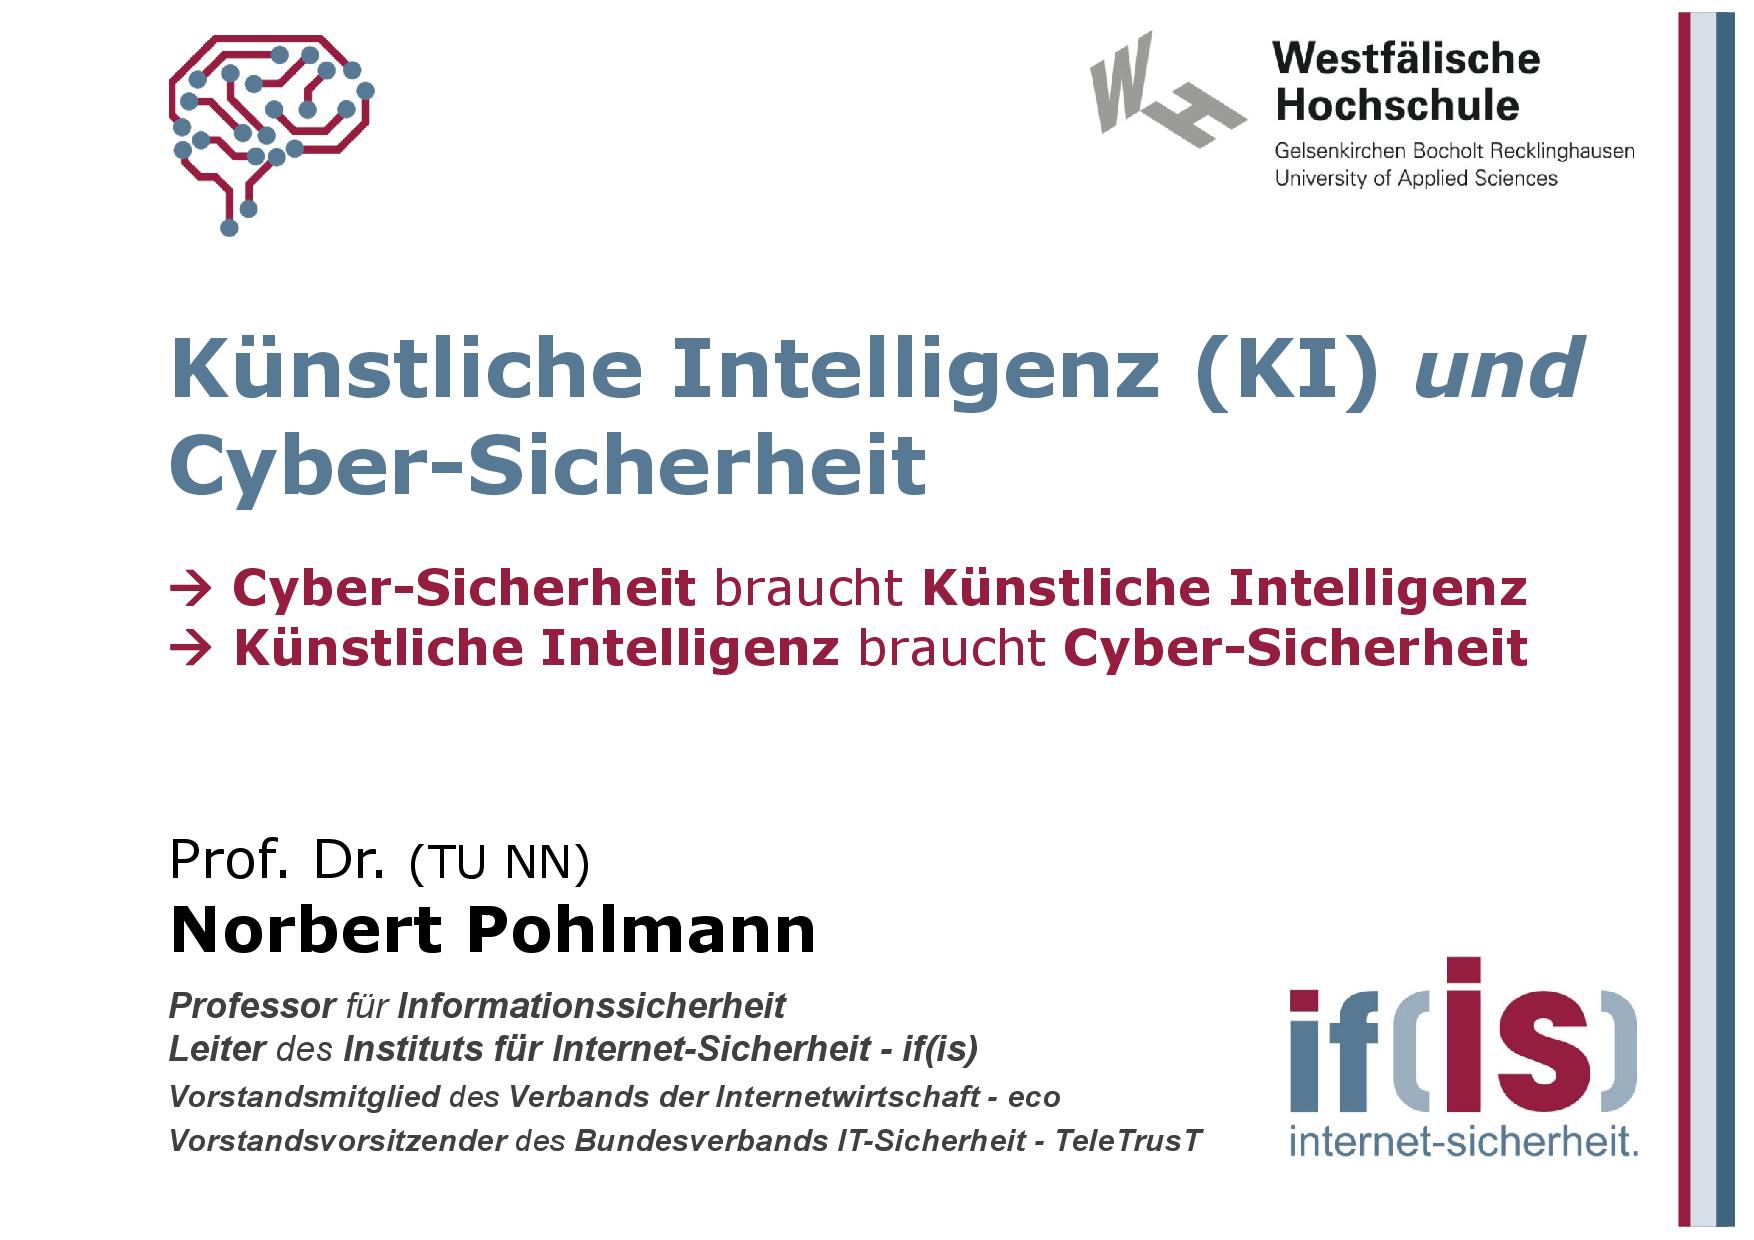 391 - Künstliche Intelligenz (KI) und Cybersicherheit - Prof Norbert Pohlmann-001